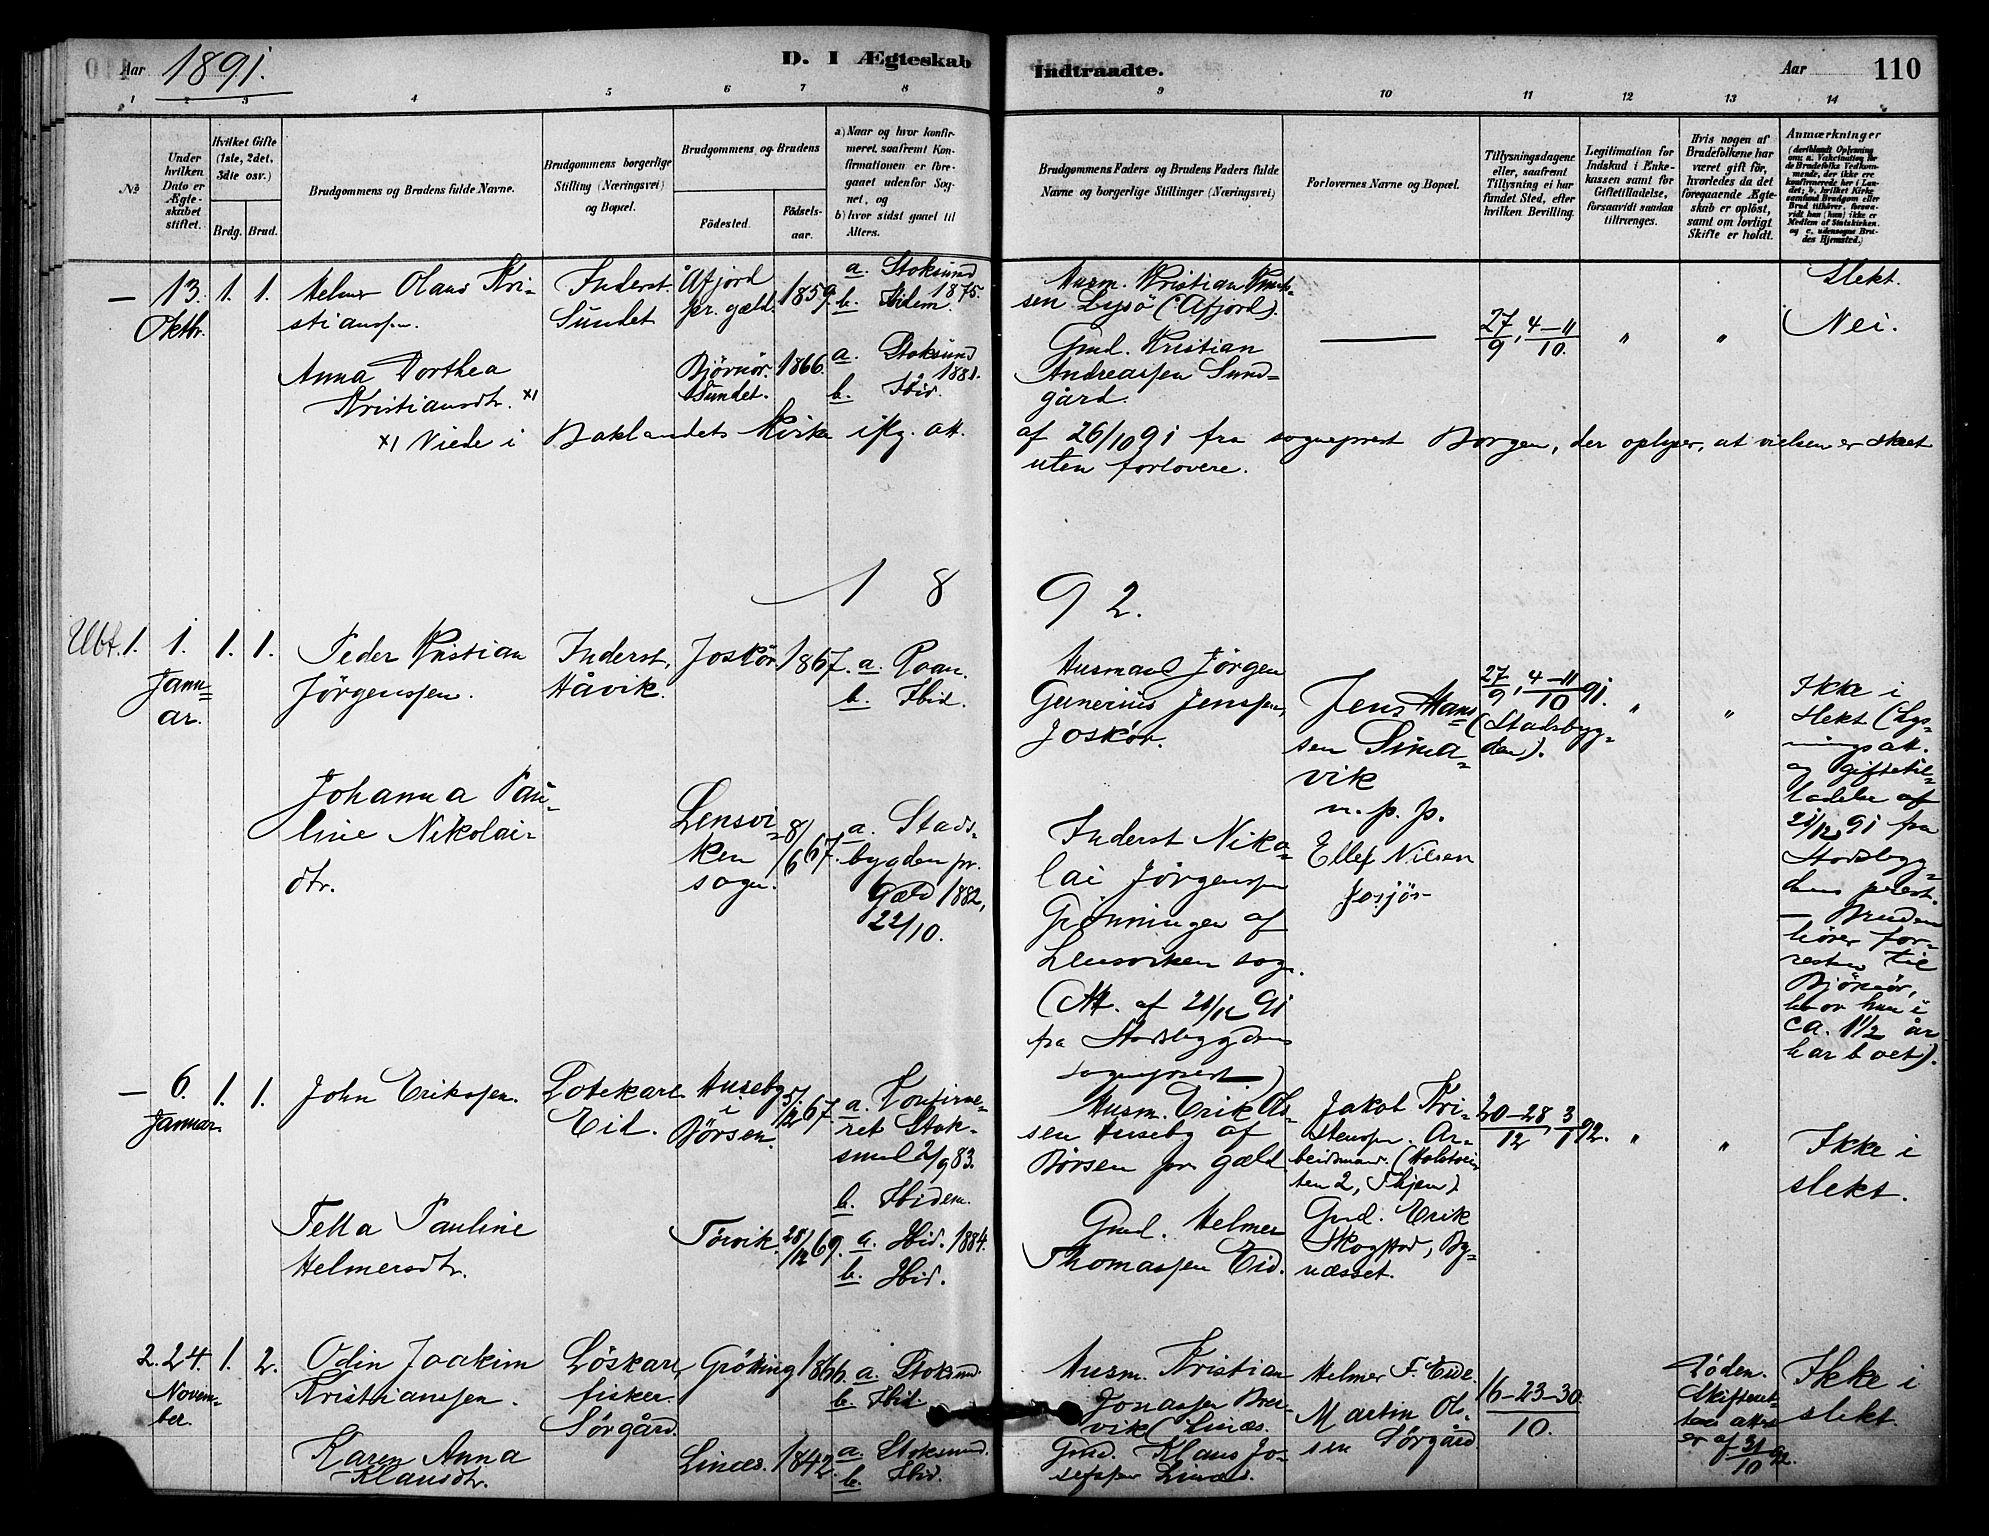 SAT, Ministerialprotokoller, klokkerbøker og fødselsregistre - Sør-Trøndelag, 656/L0692: Ministerialbok nr. 656A01, 1879-1893, s. 110